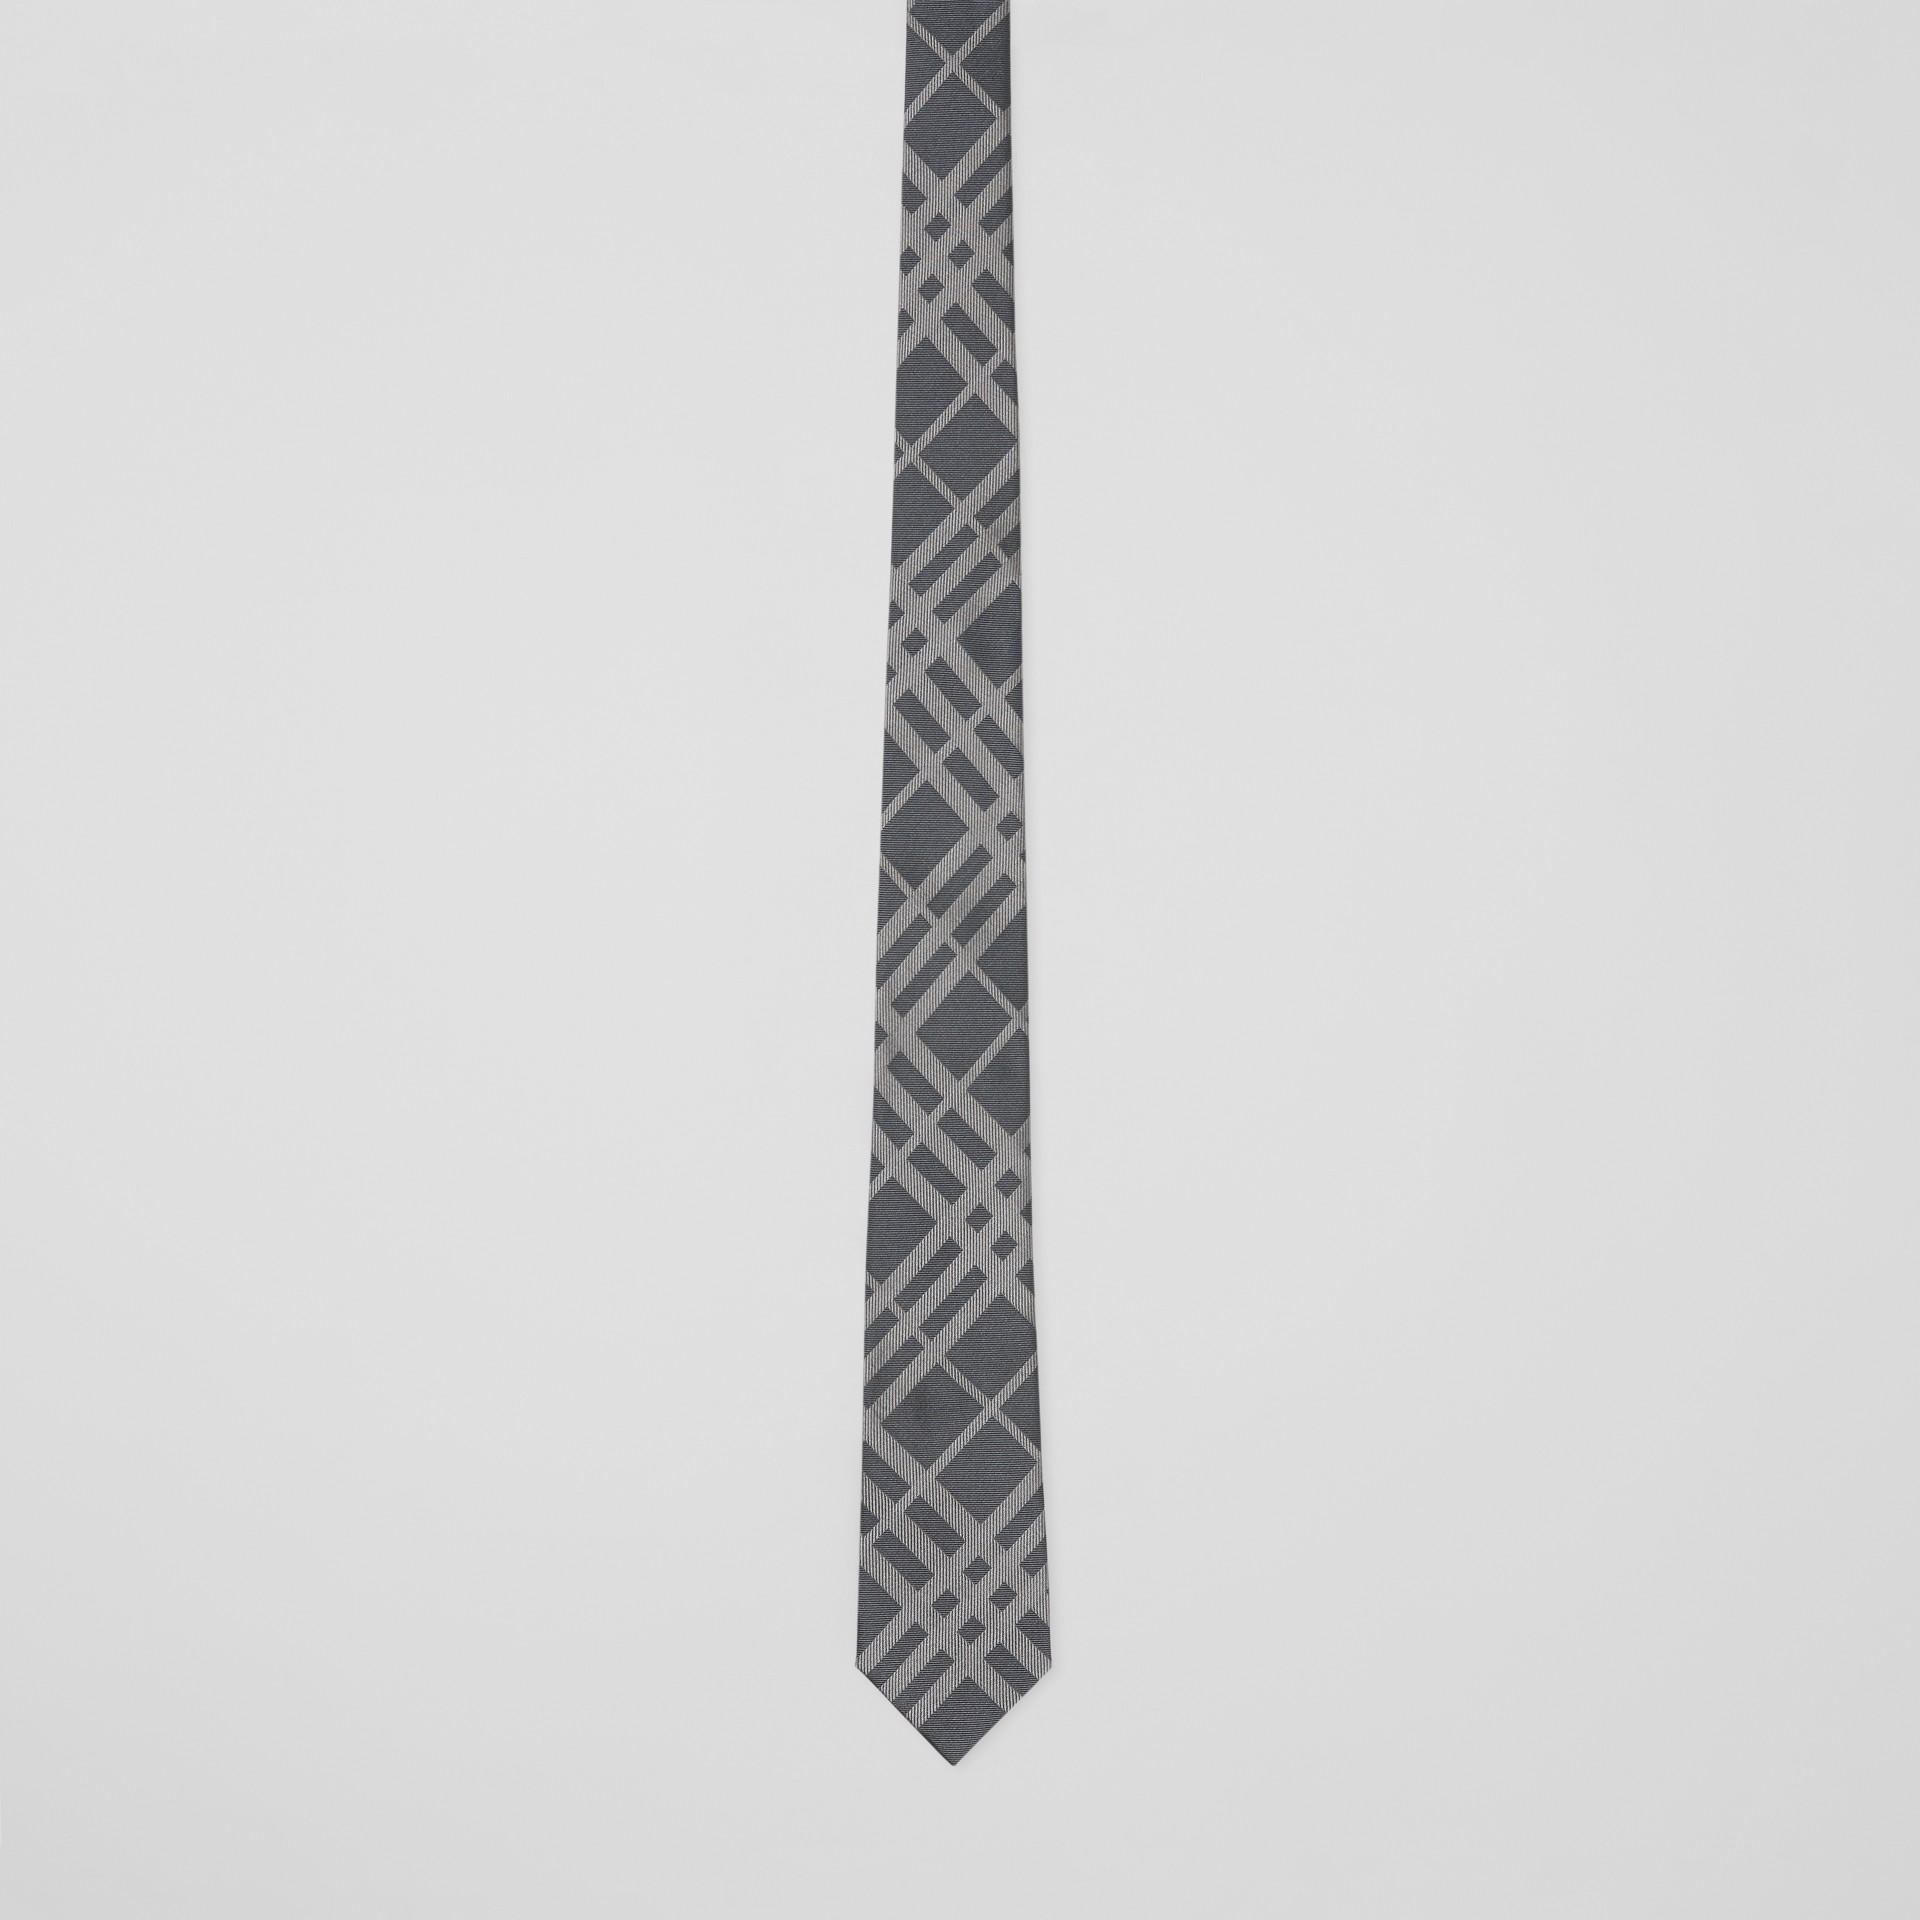 Corbata de pala clásica en seda con motivo a cuadros en jacquard (Gris Medio) - Hombre | Burberry - imagen de la galería 3